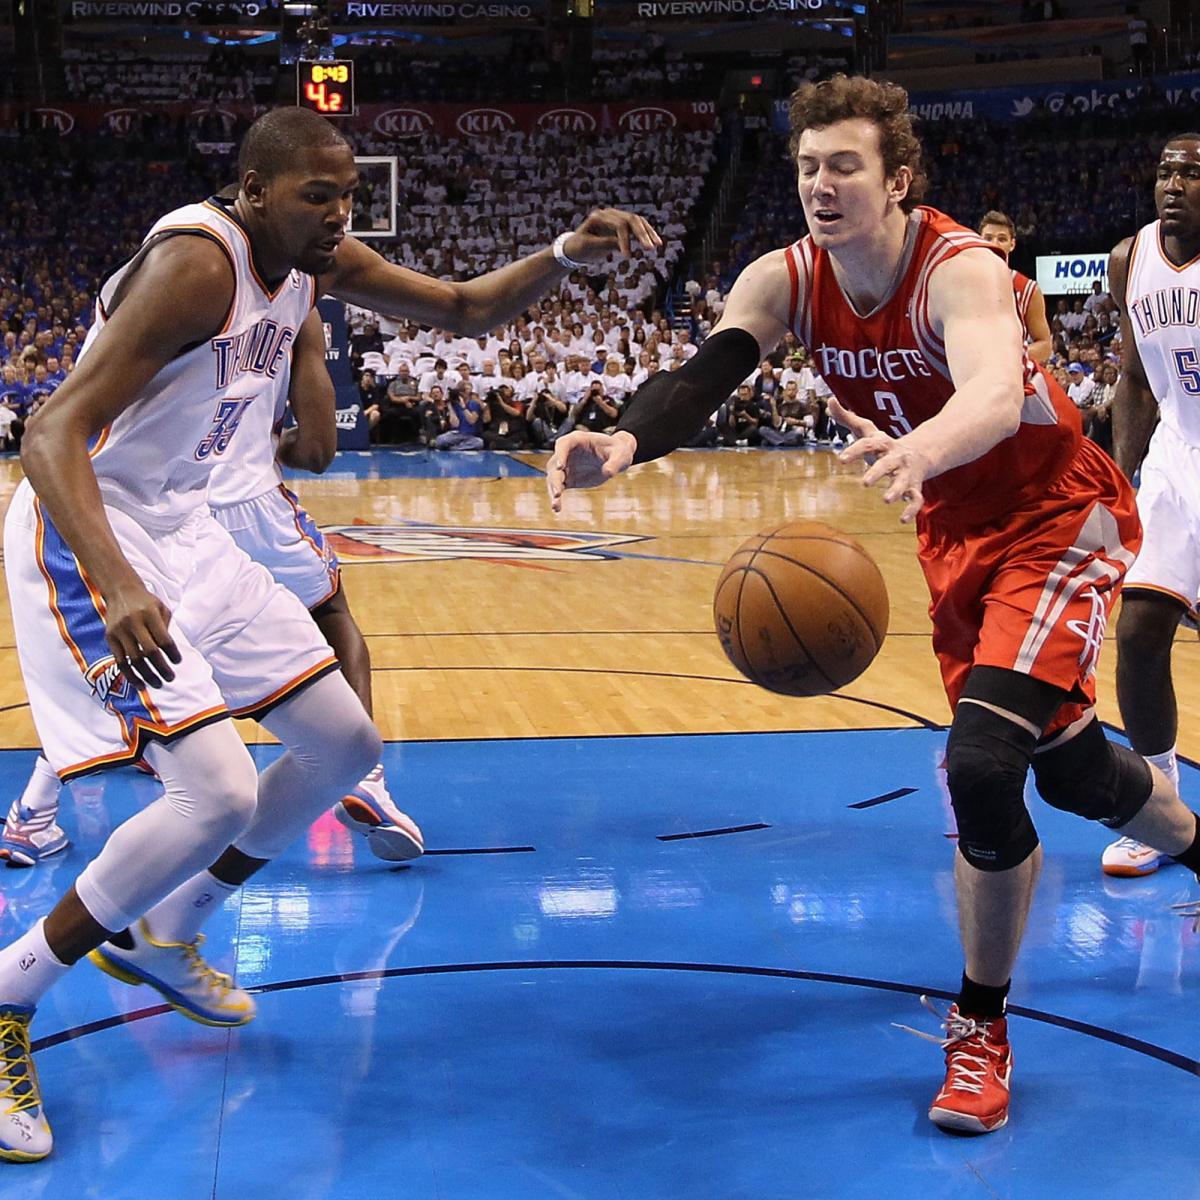 Houston Rockets Vs Oklahoma City Thunder: Houston Rockets Vs. OKC Thunder: Game 3 Preview, Schedule